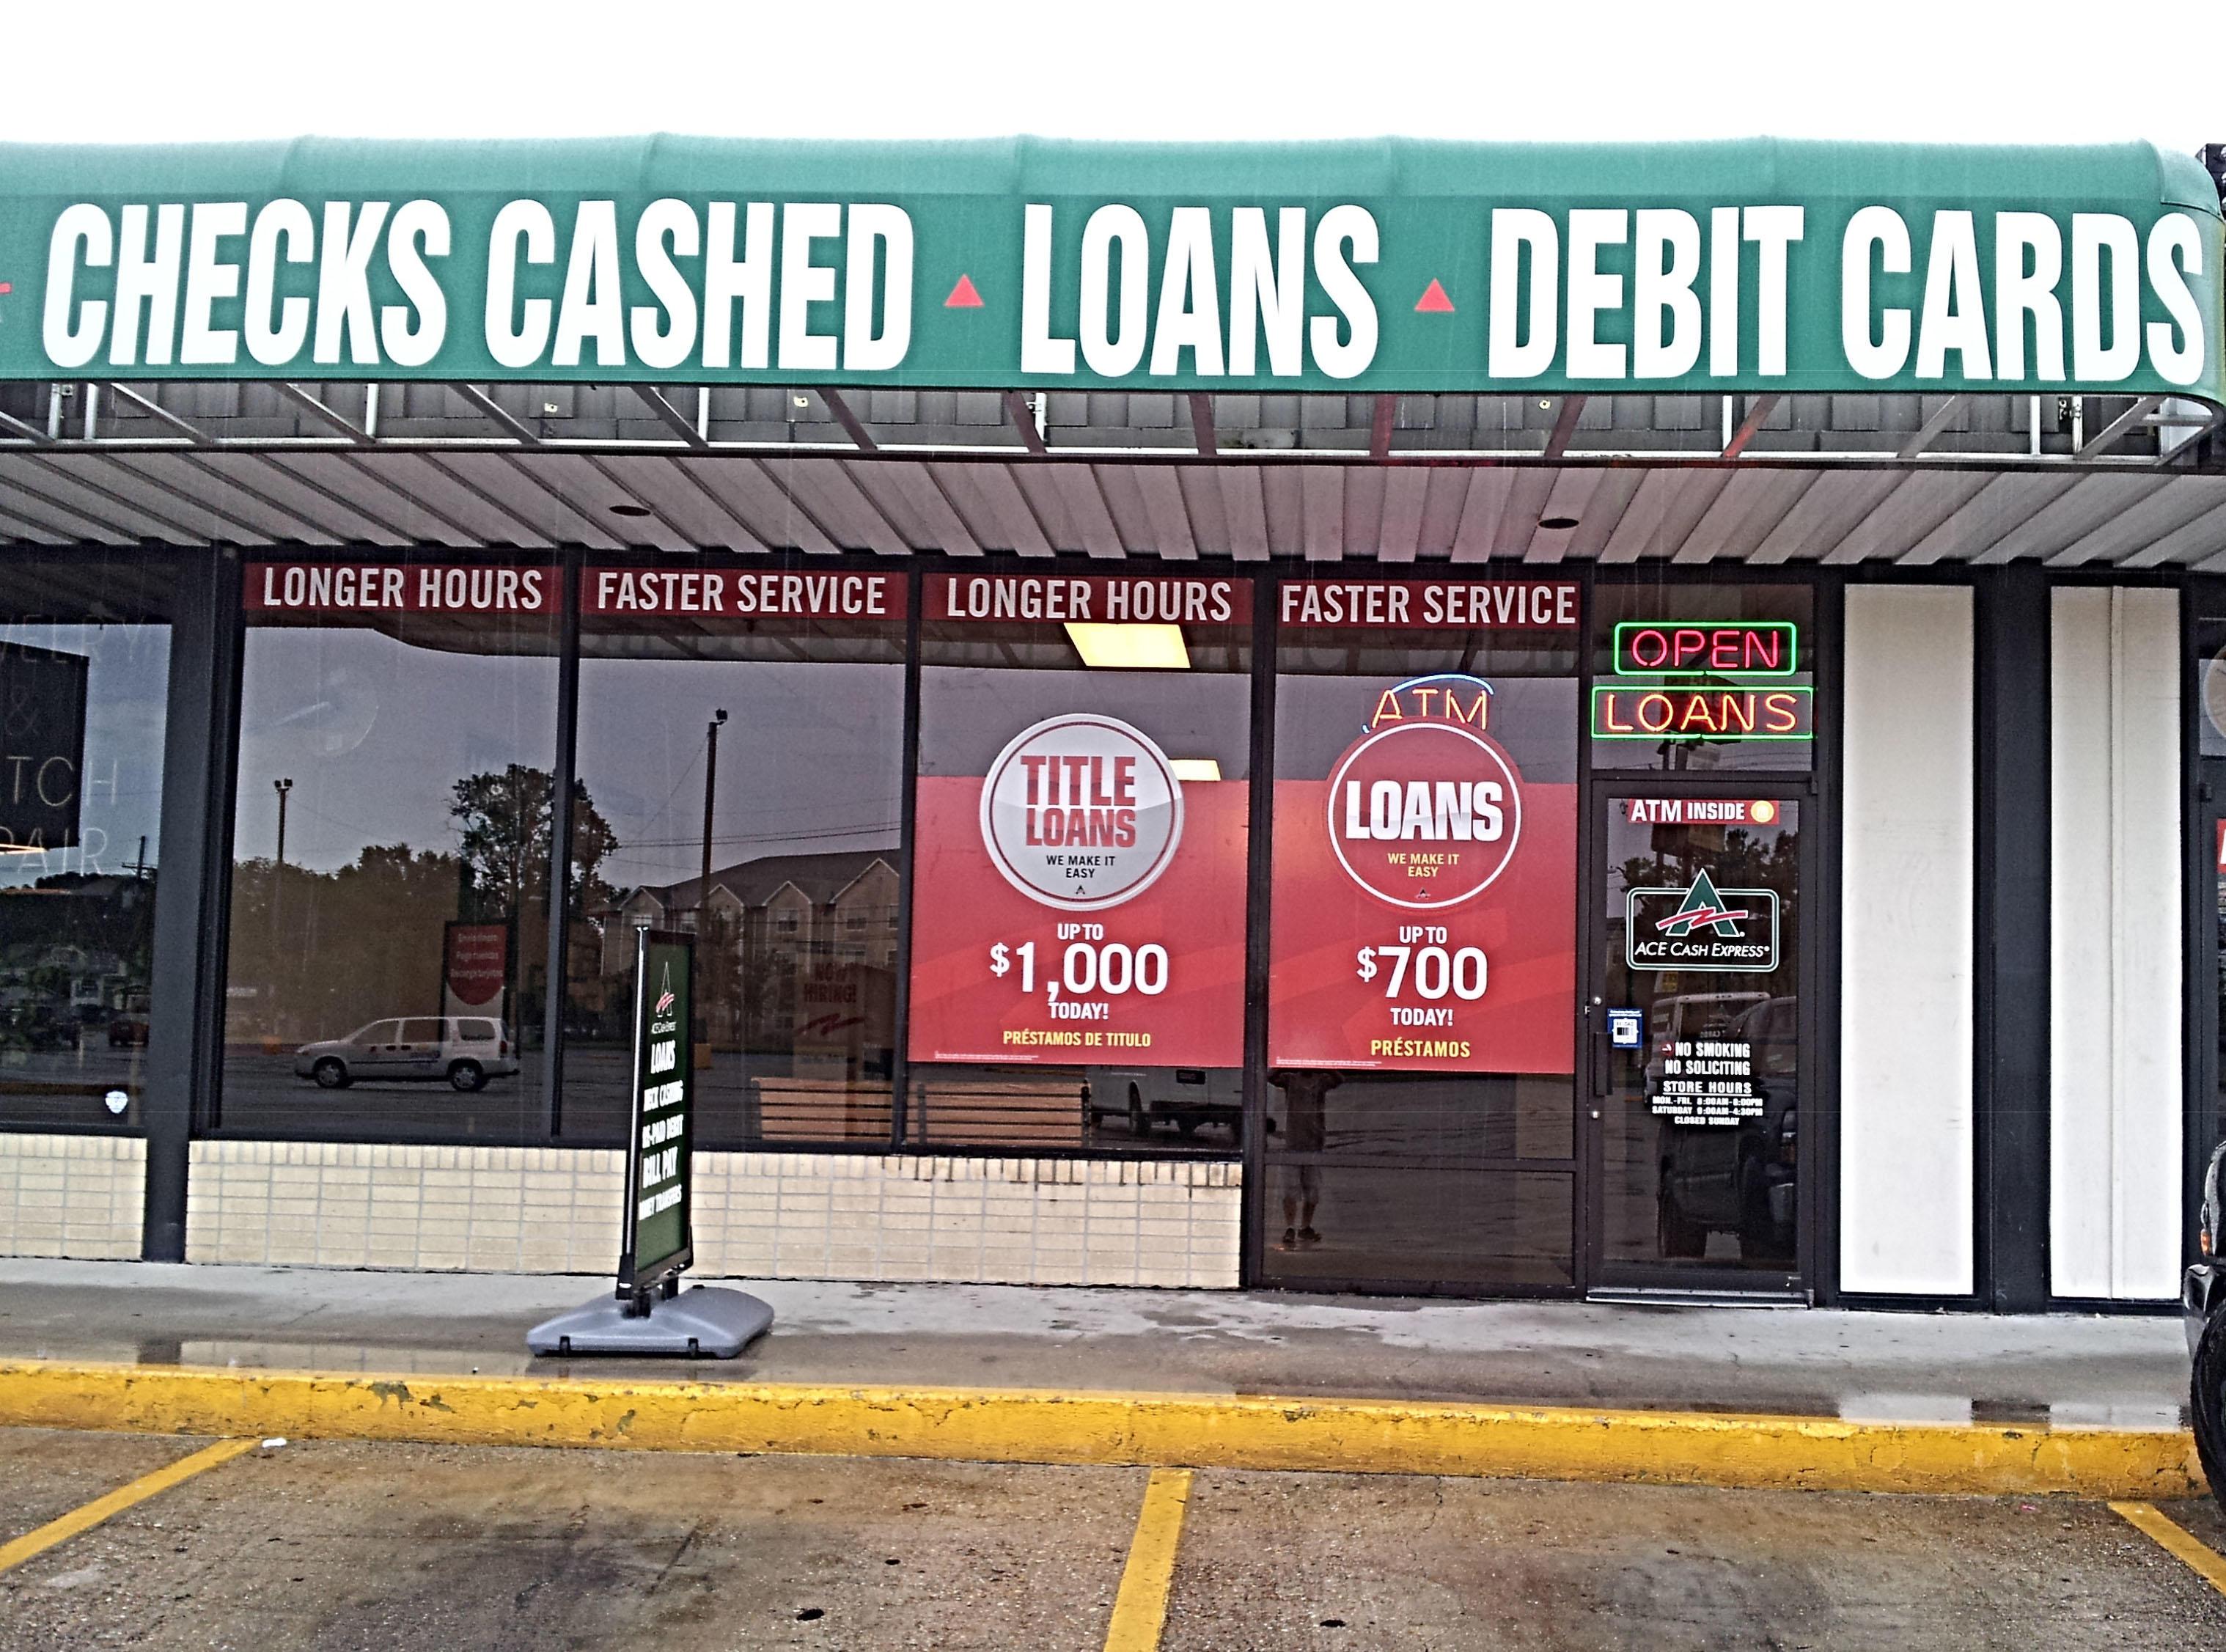 Ace cash express jefferson la business directory - Cash express la valentine ...